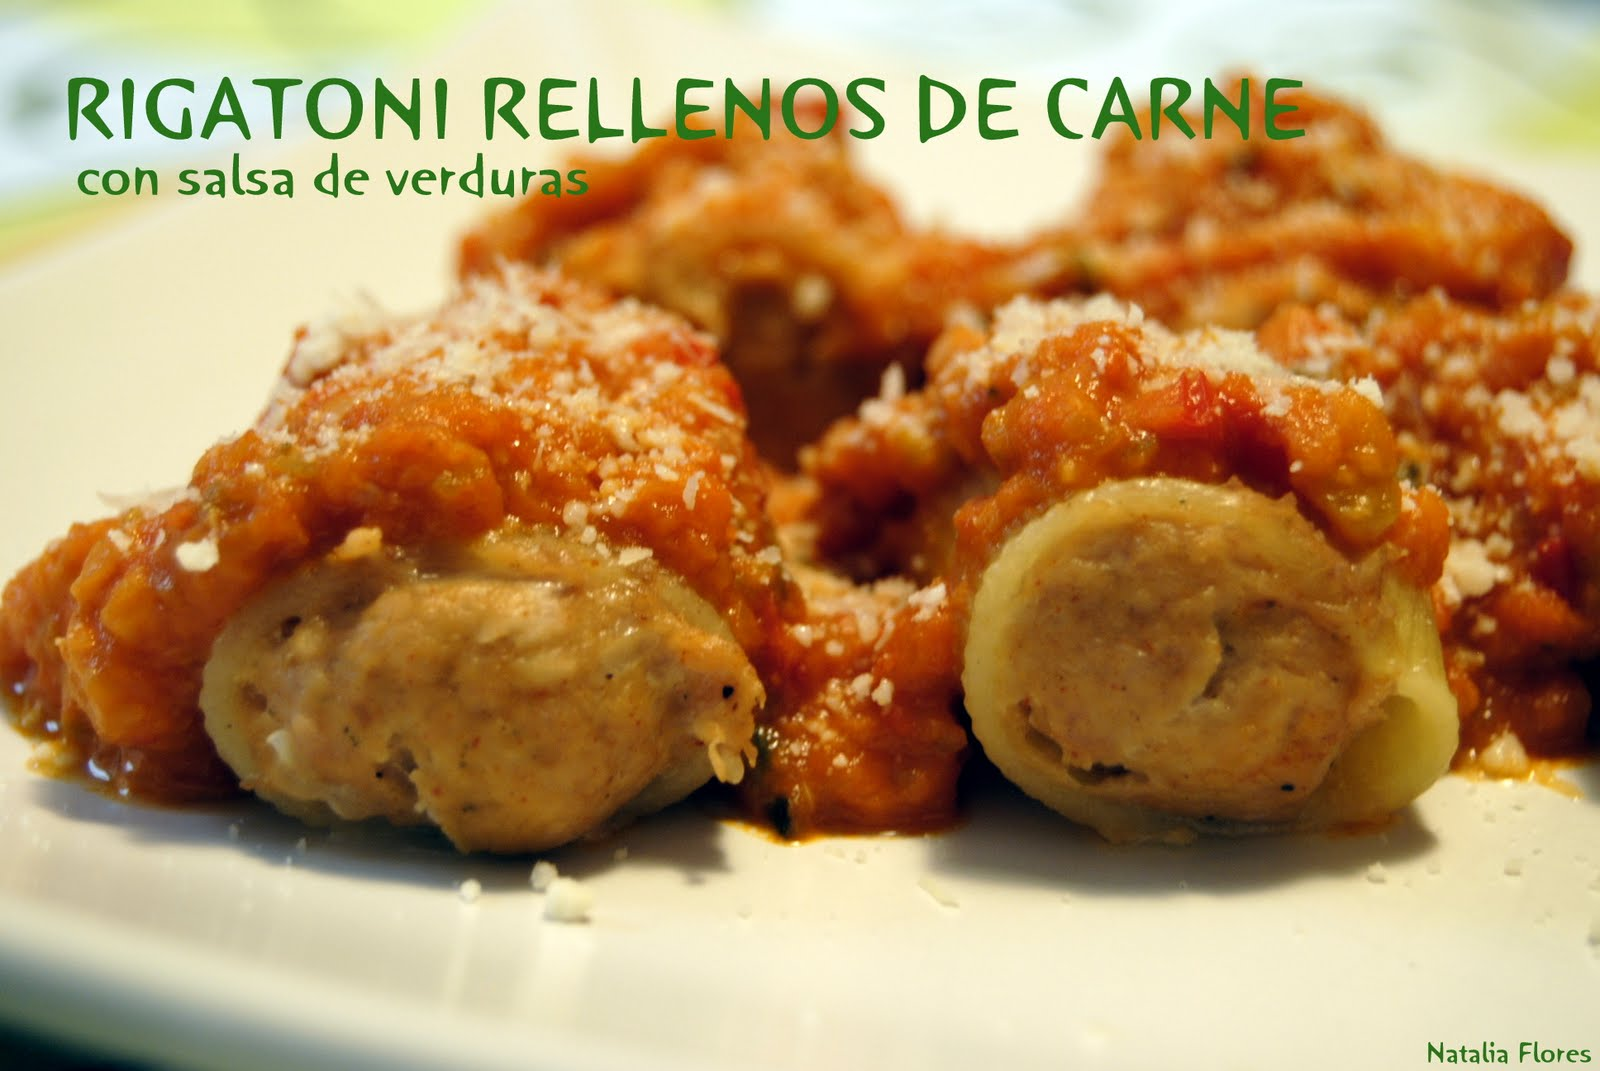 Cocina varoma rigatoni rellenos de carne con salsa de verduras - Salsa para relleno de carne ...